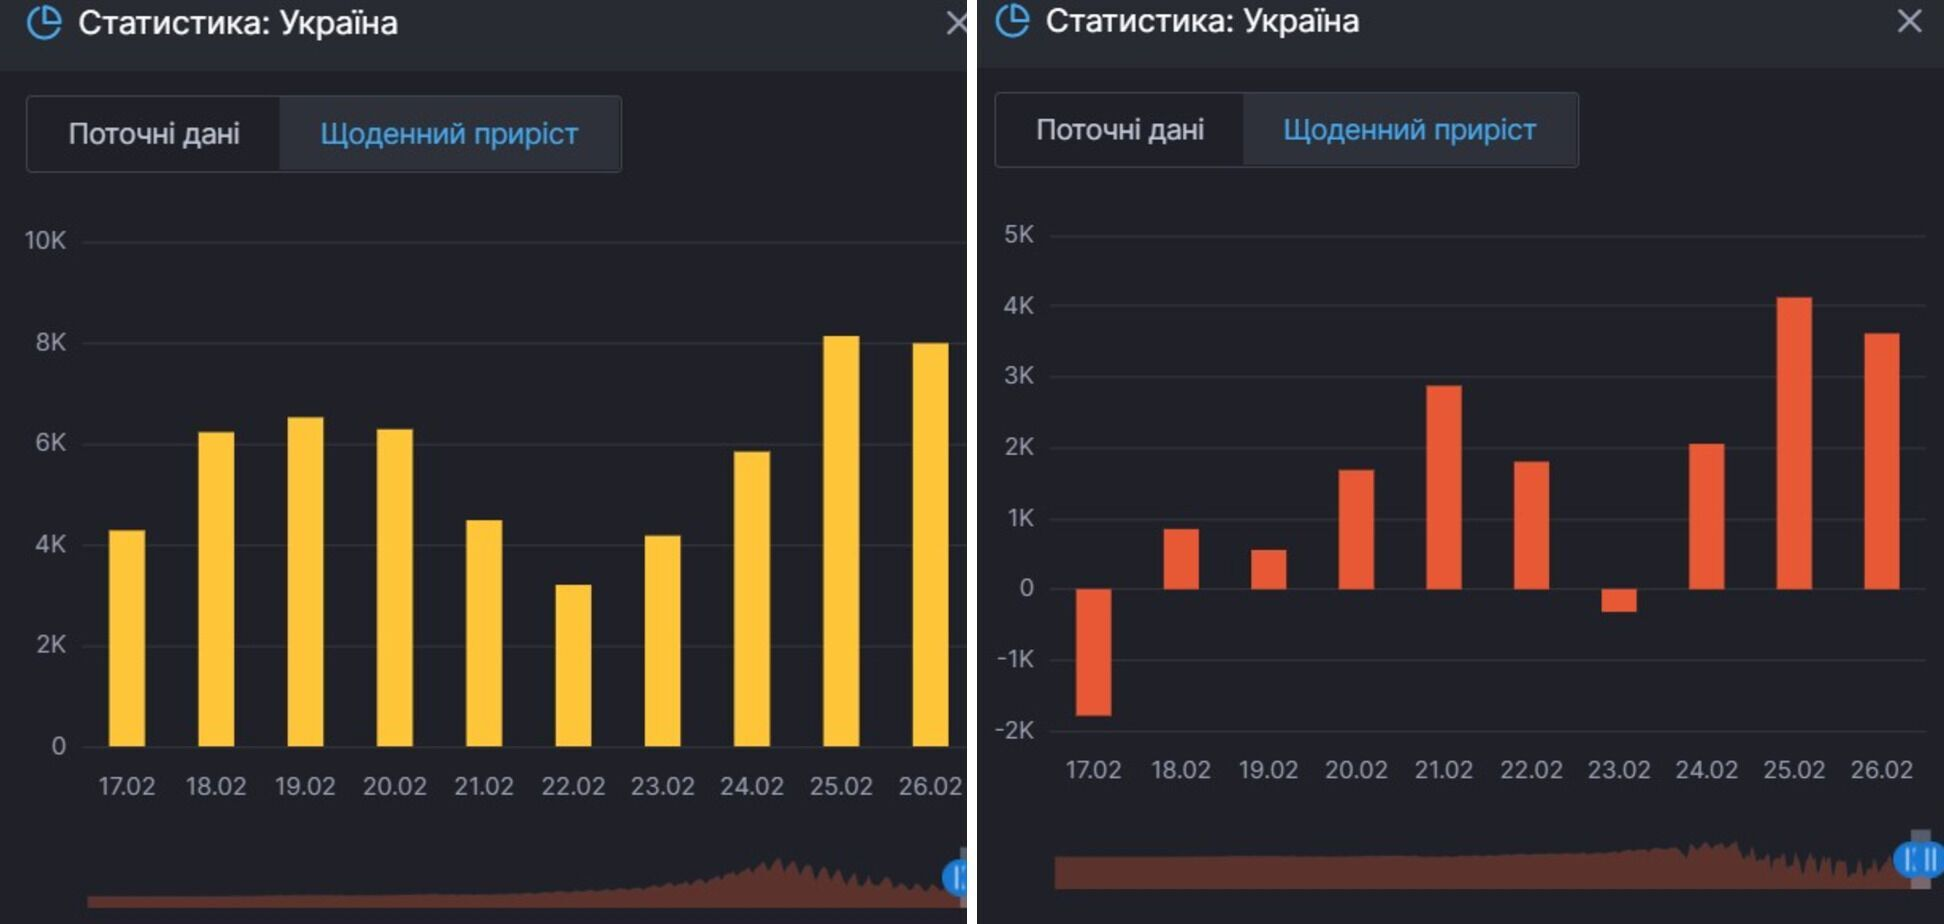 Приріст нових випадків коронавірусу й активних хворих в Україні